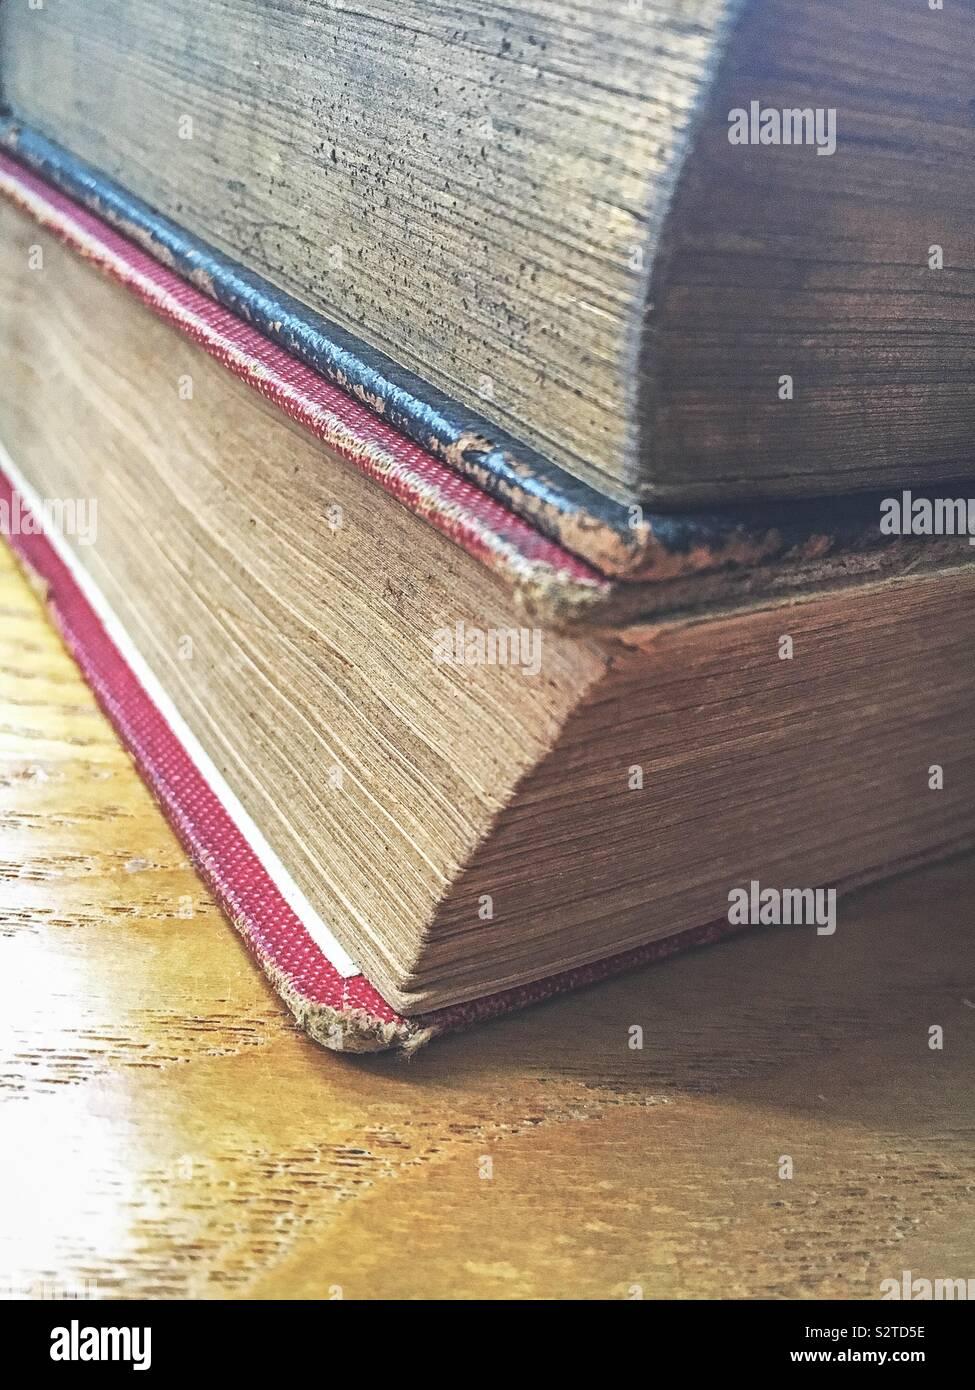 Deux vieux vintage livres posés sur une table en bois Banque D'Images